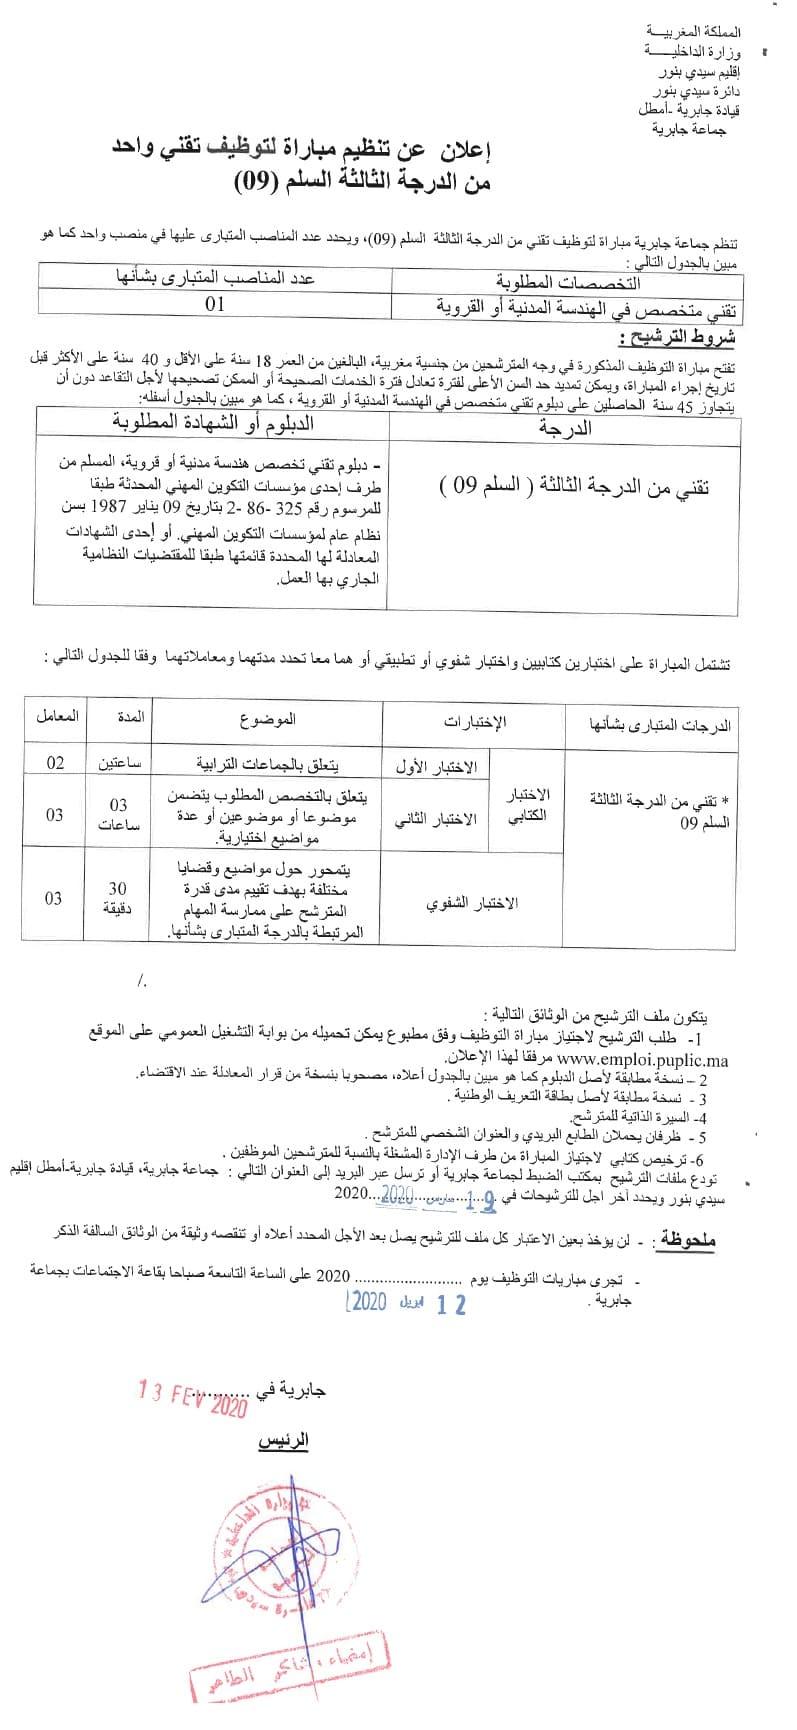 مباراة توظيف في عدة مناصب بجماعة جابرية - إقليم سيدي بنور آخر أجل لإيداع الترشيحات 19 مارس 2020 Yao_yo11